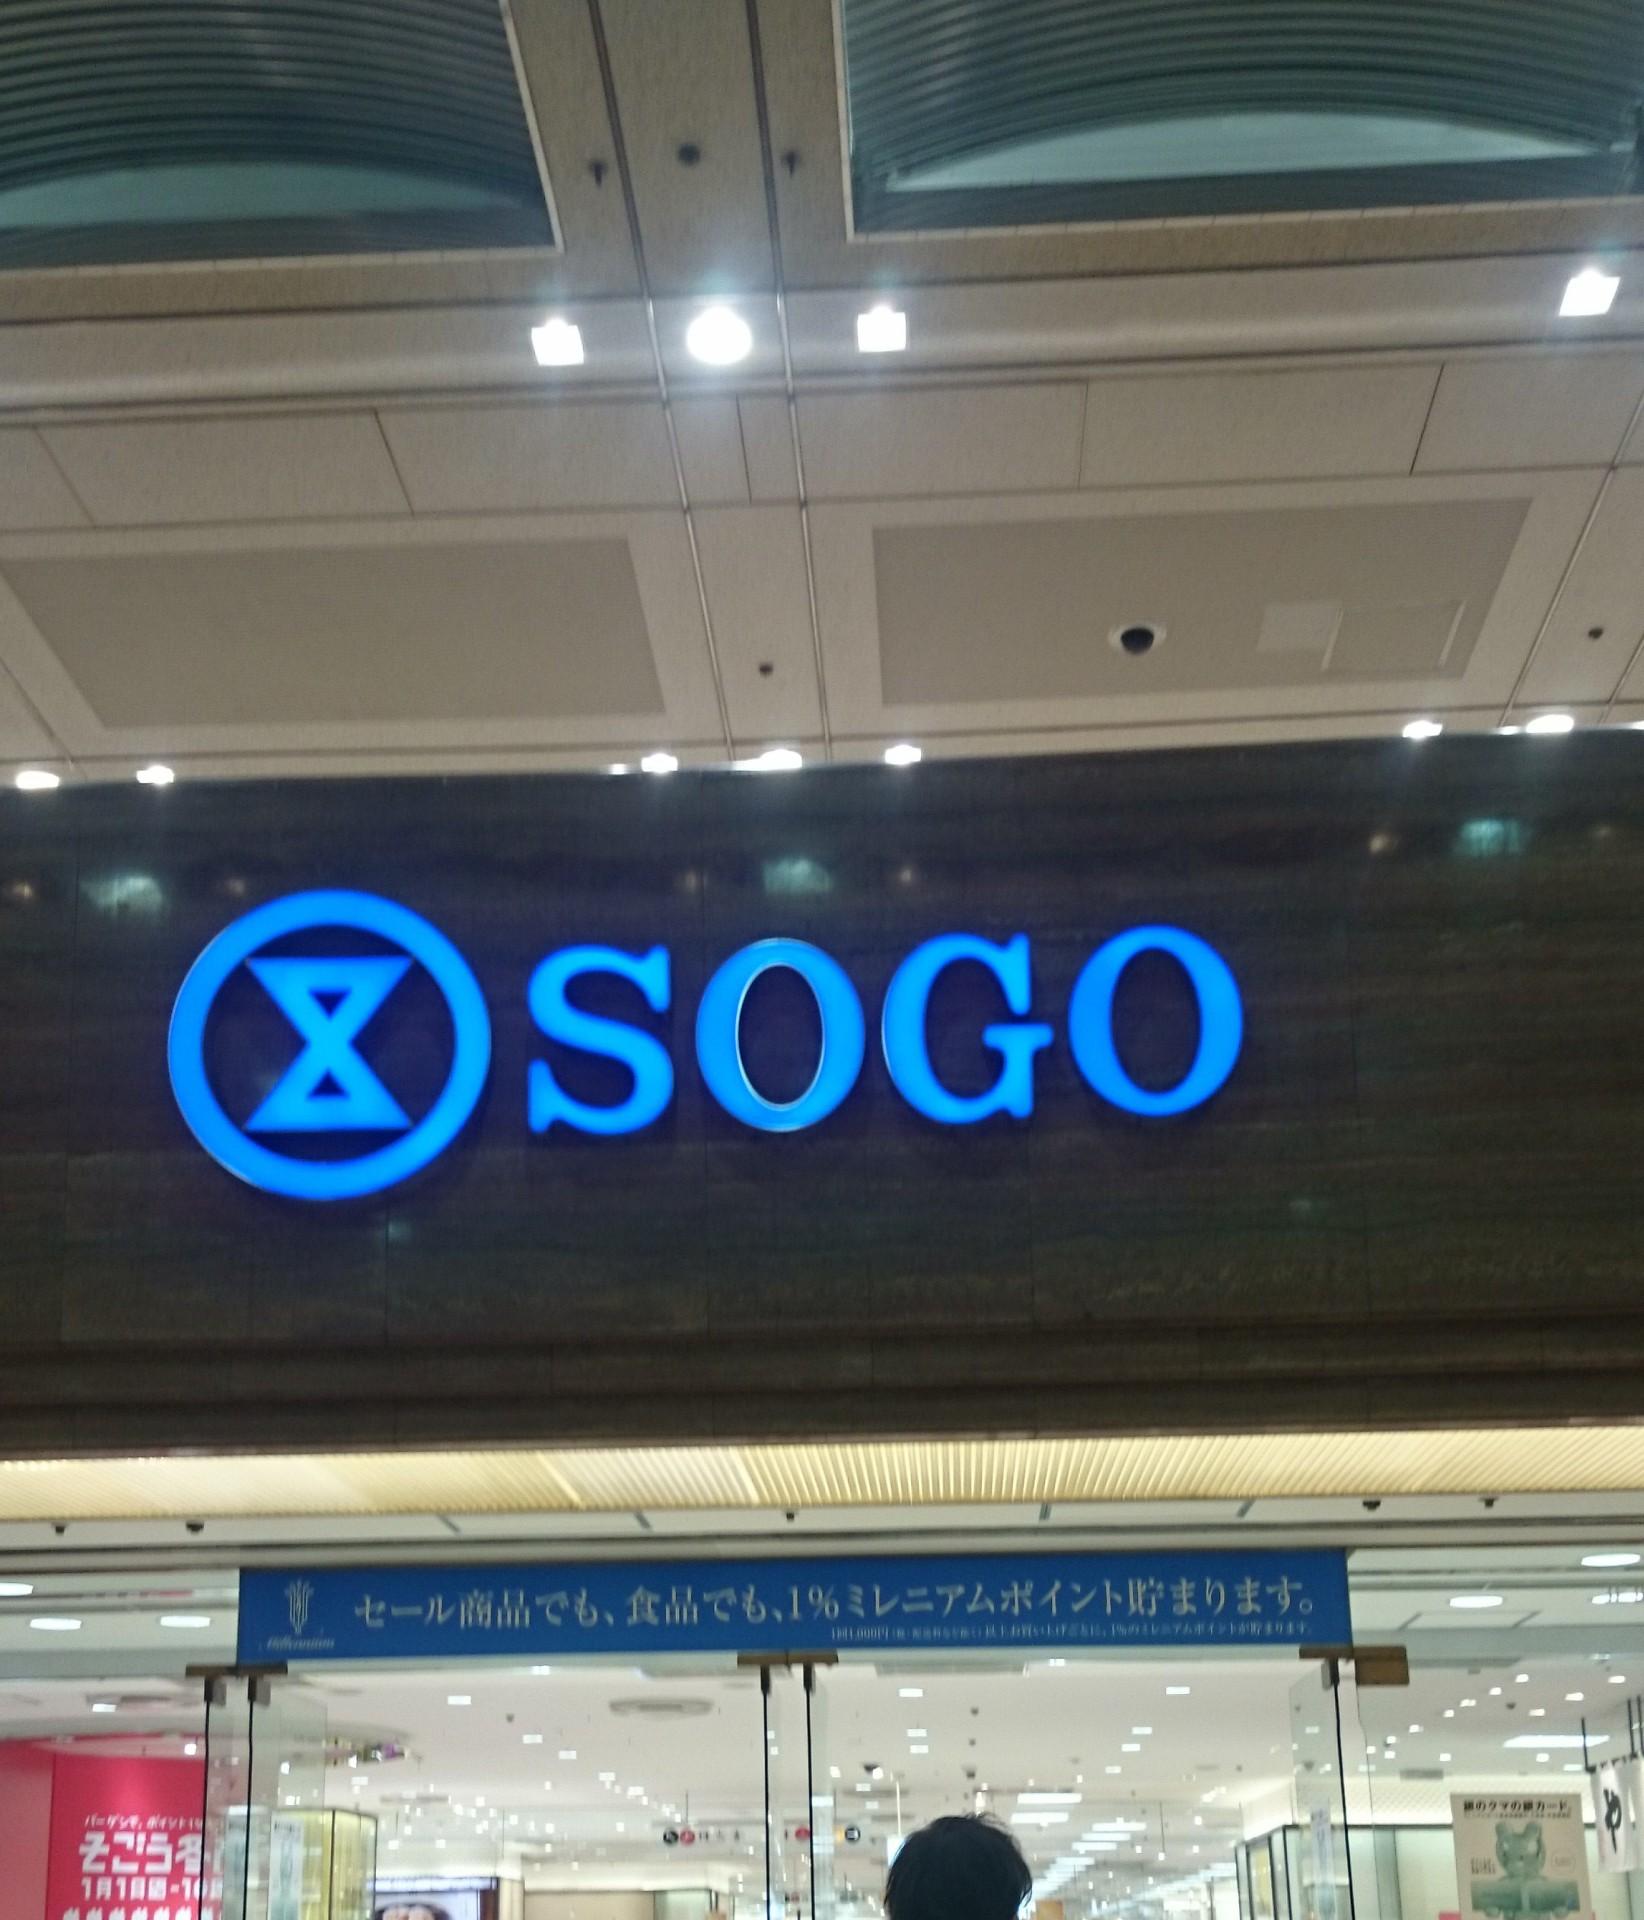 そごう横浜店:コスメショッピングツアー